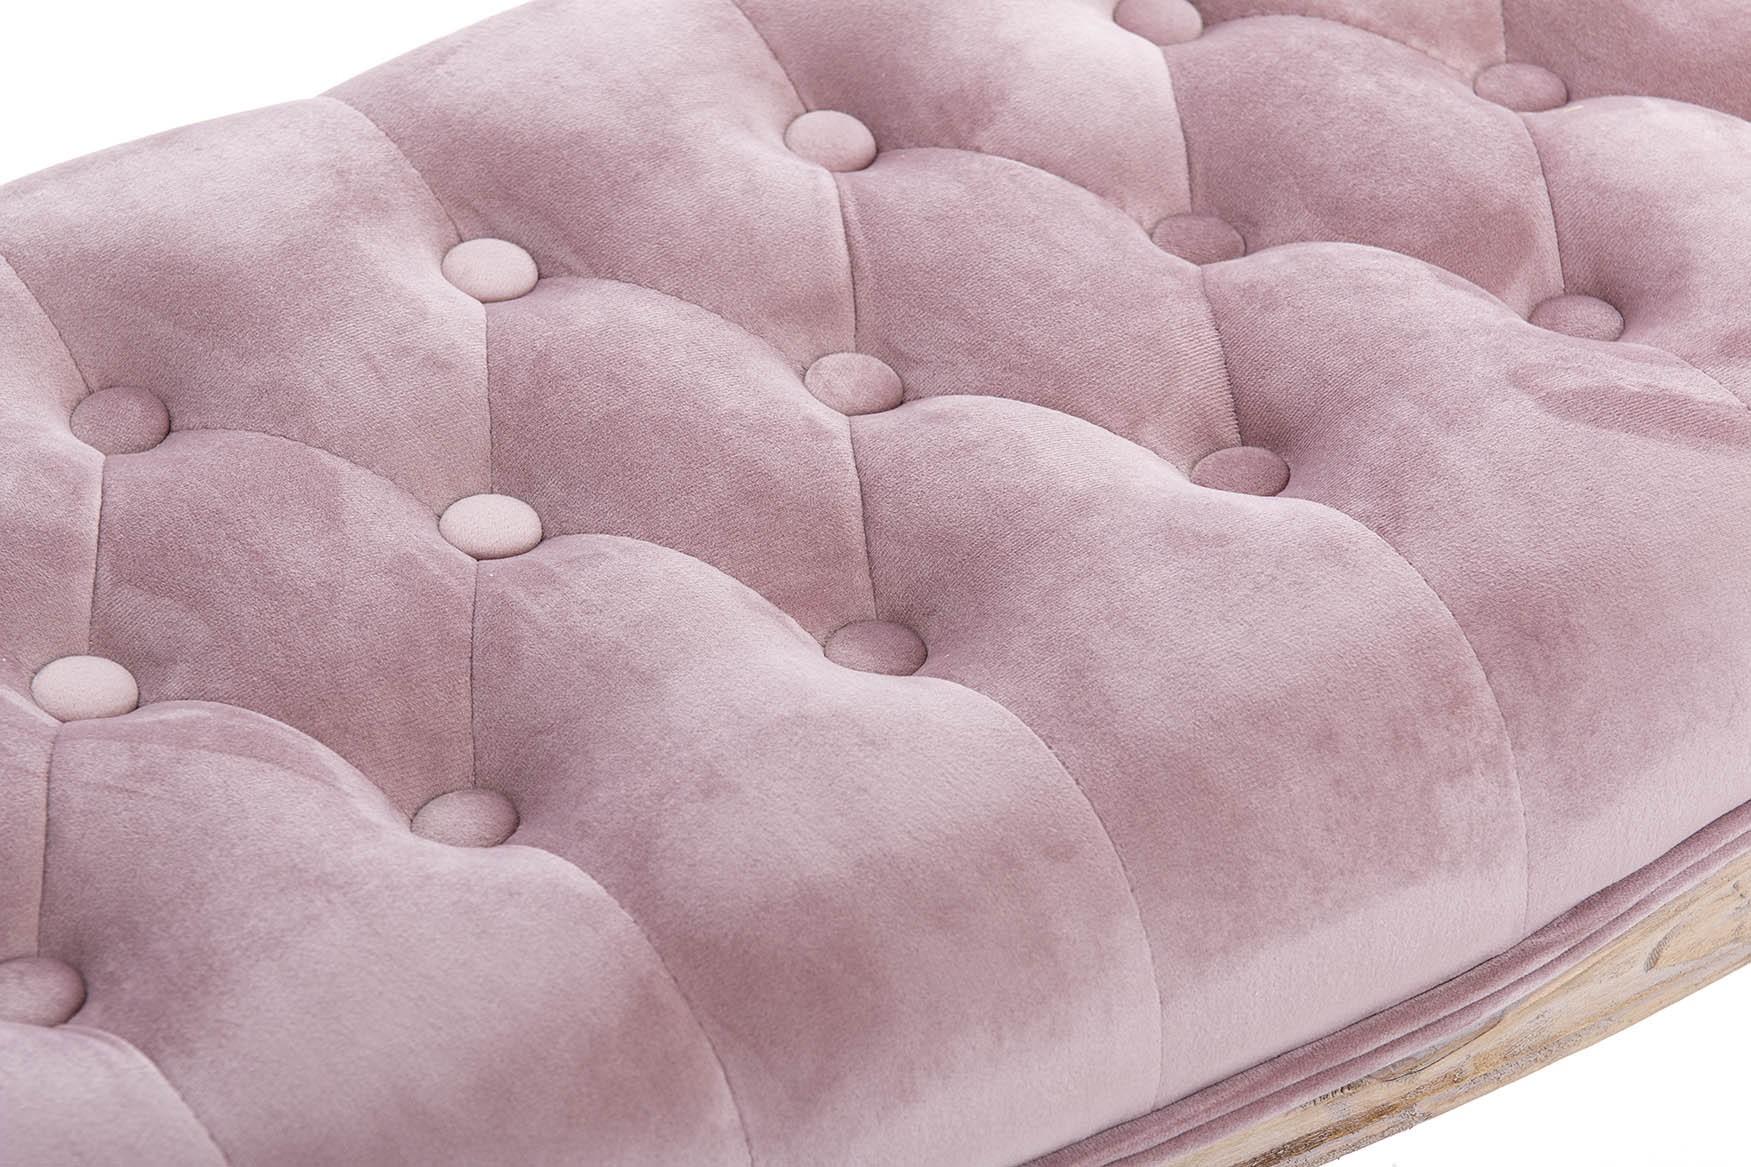 31705-pie-de-cama-imperial-velvet-rosa-2.jpg